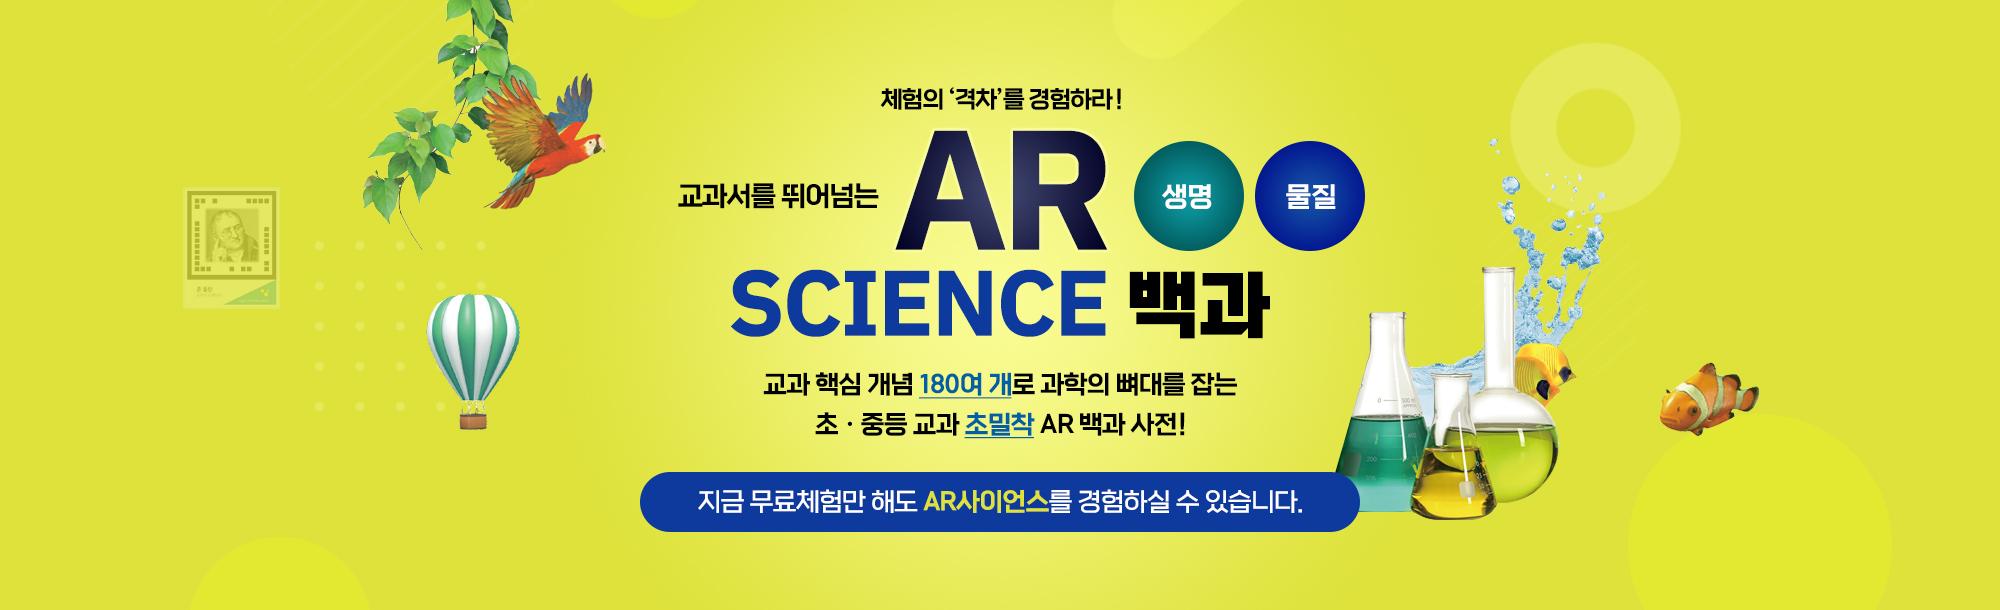 AR science test